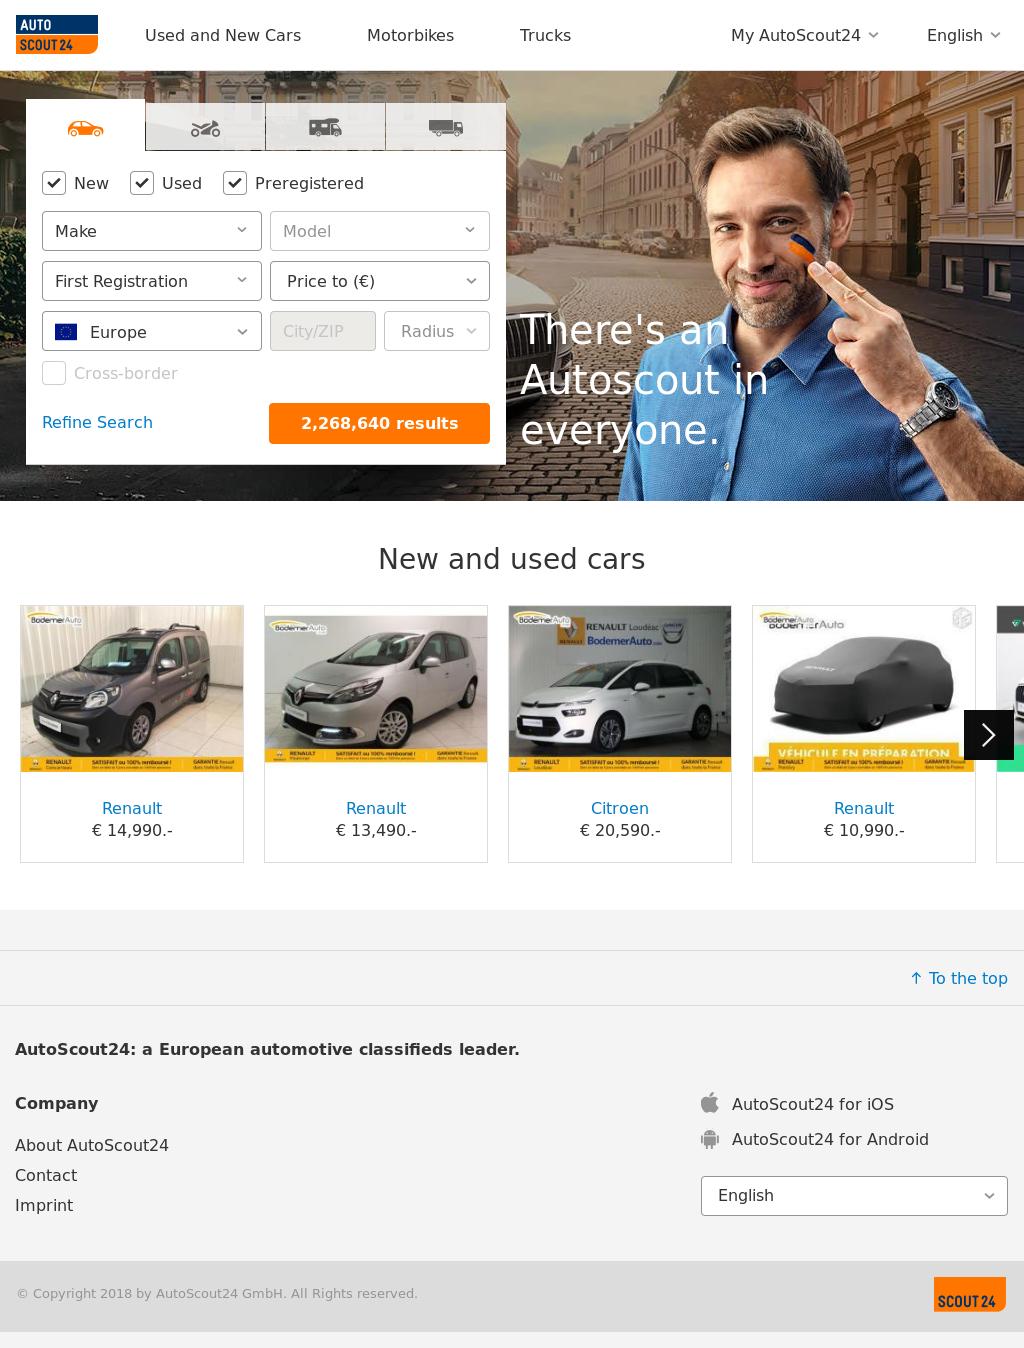 De mobile scout auto AutoScout24 for